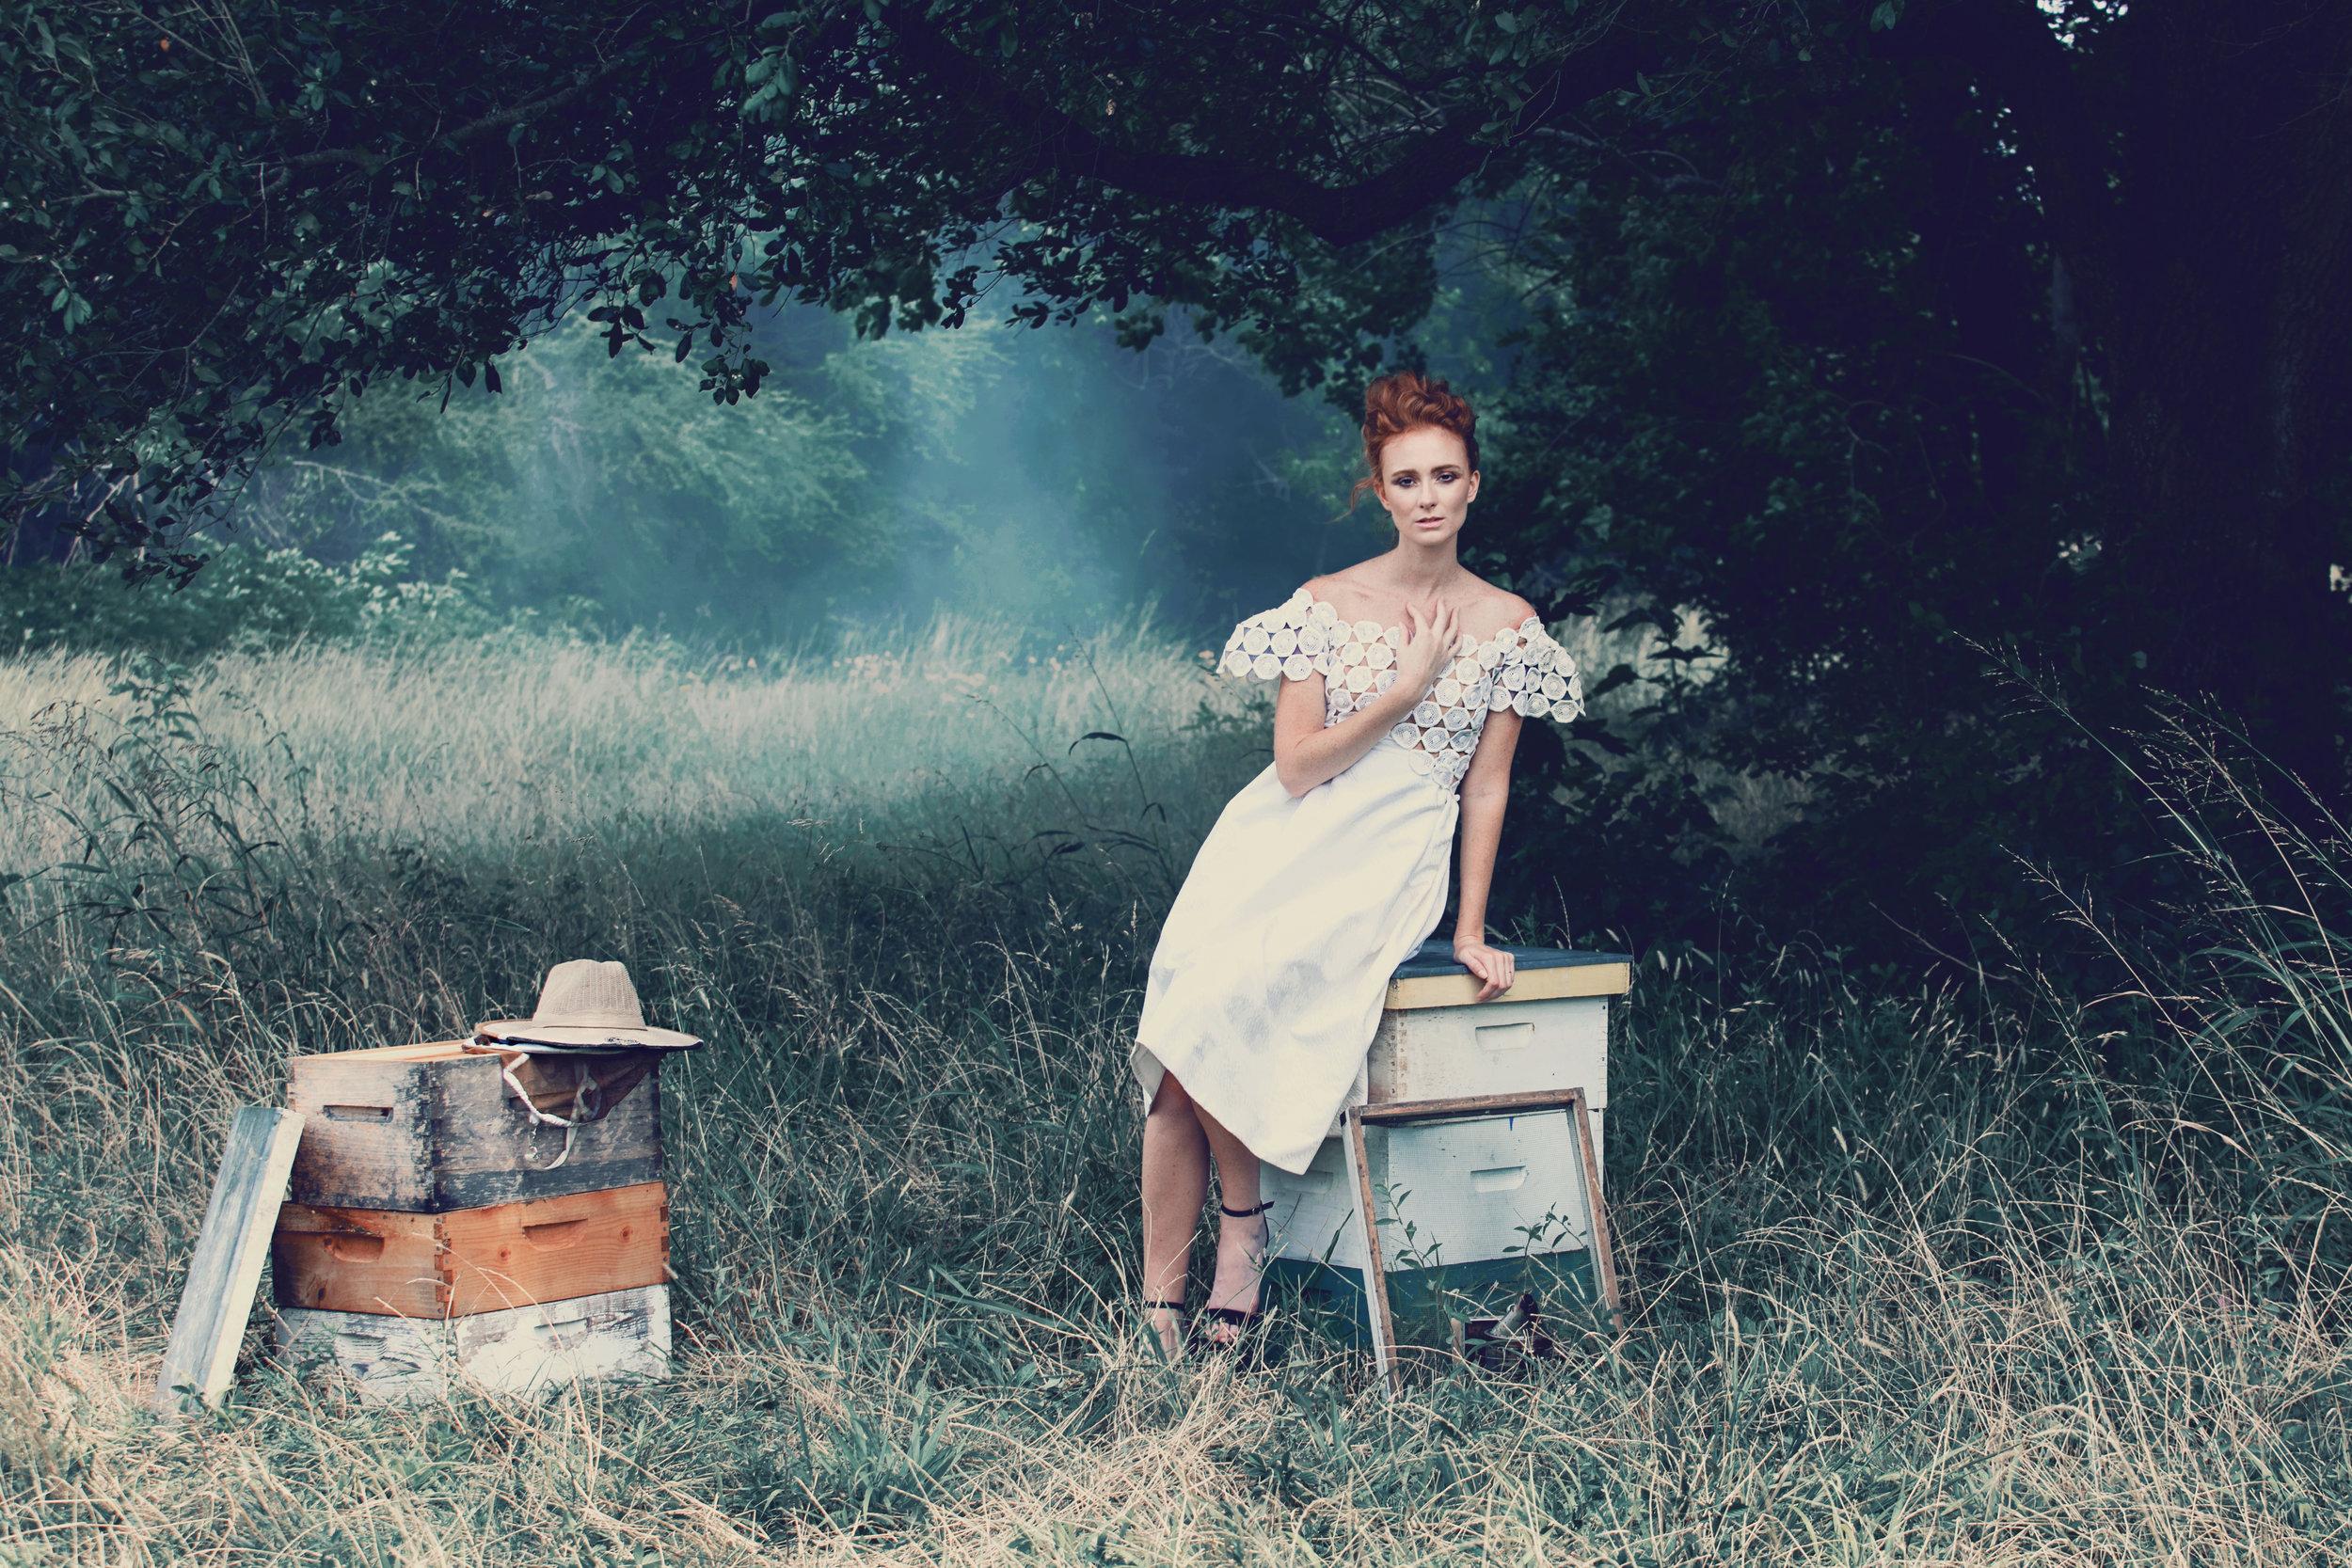 giselleyeungphotography-GodSavetheQueen-4